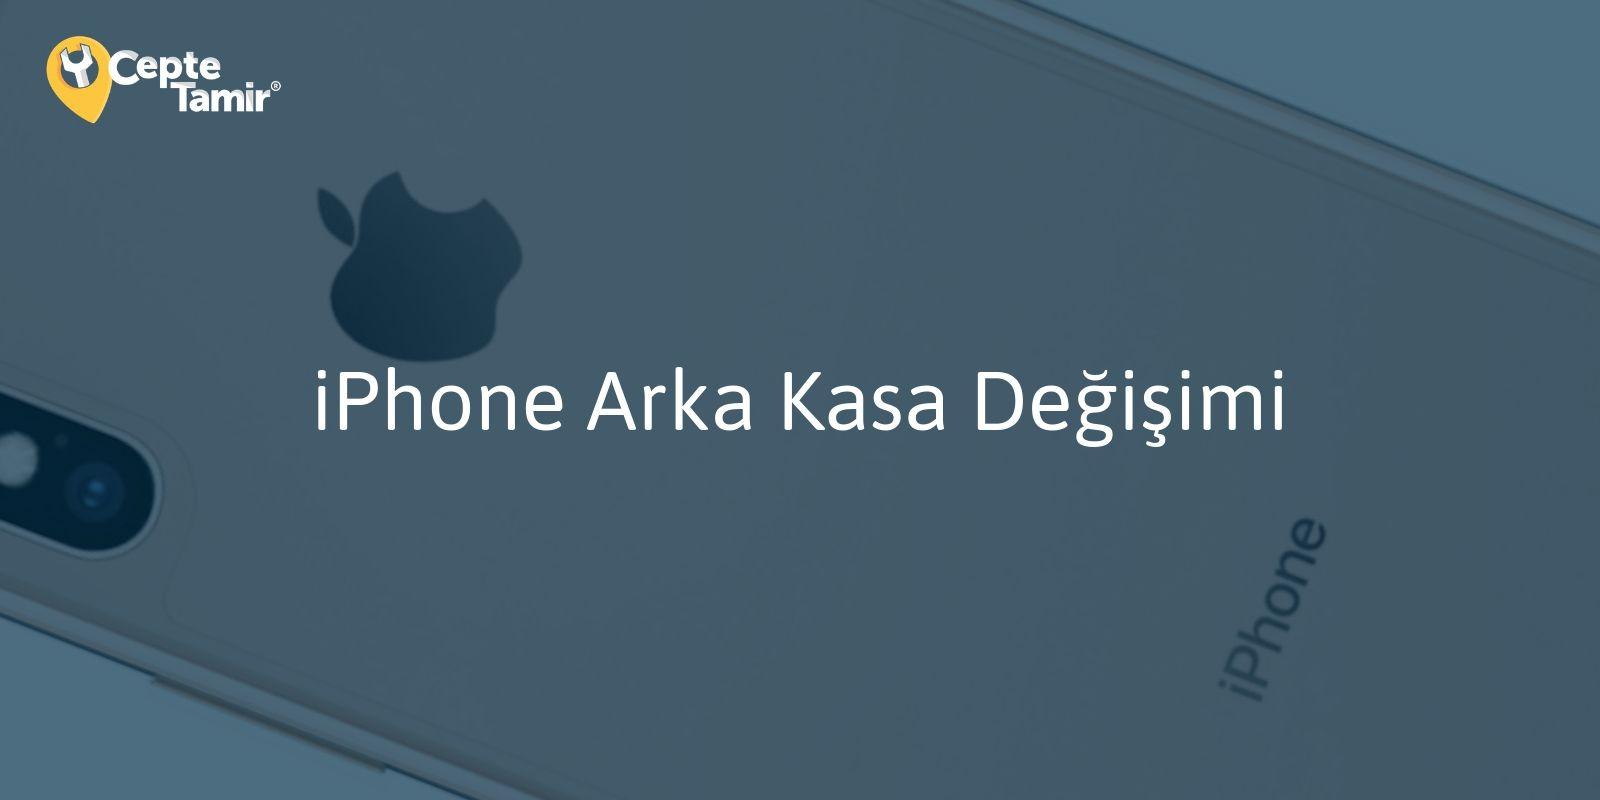 iPhone Arka Kasa Değişimi